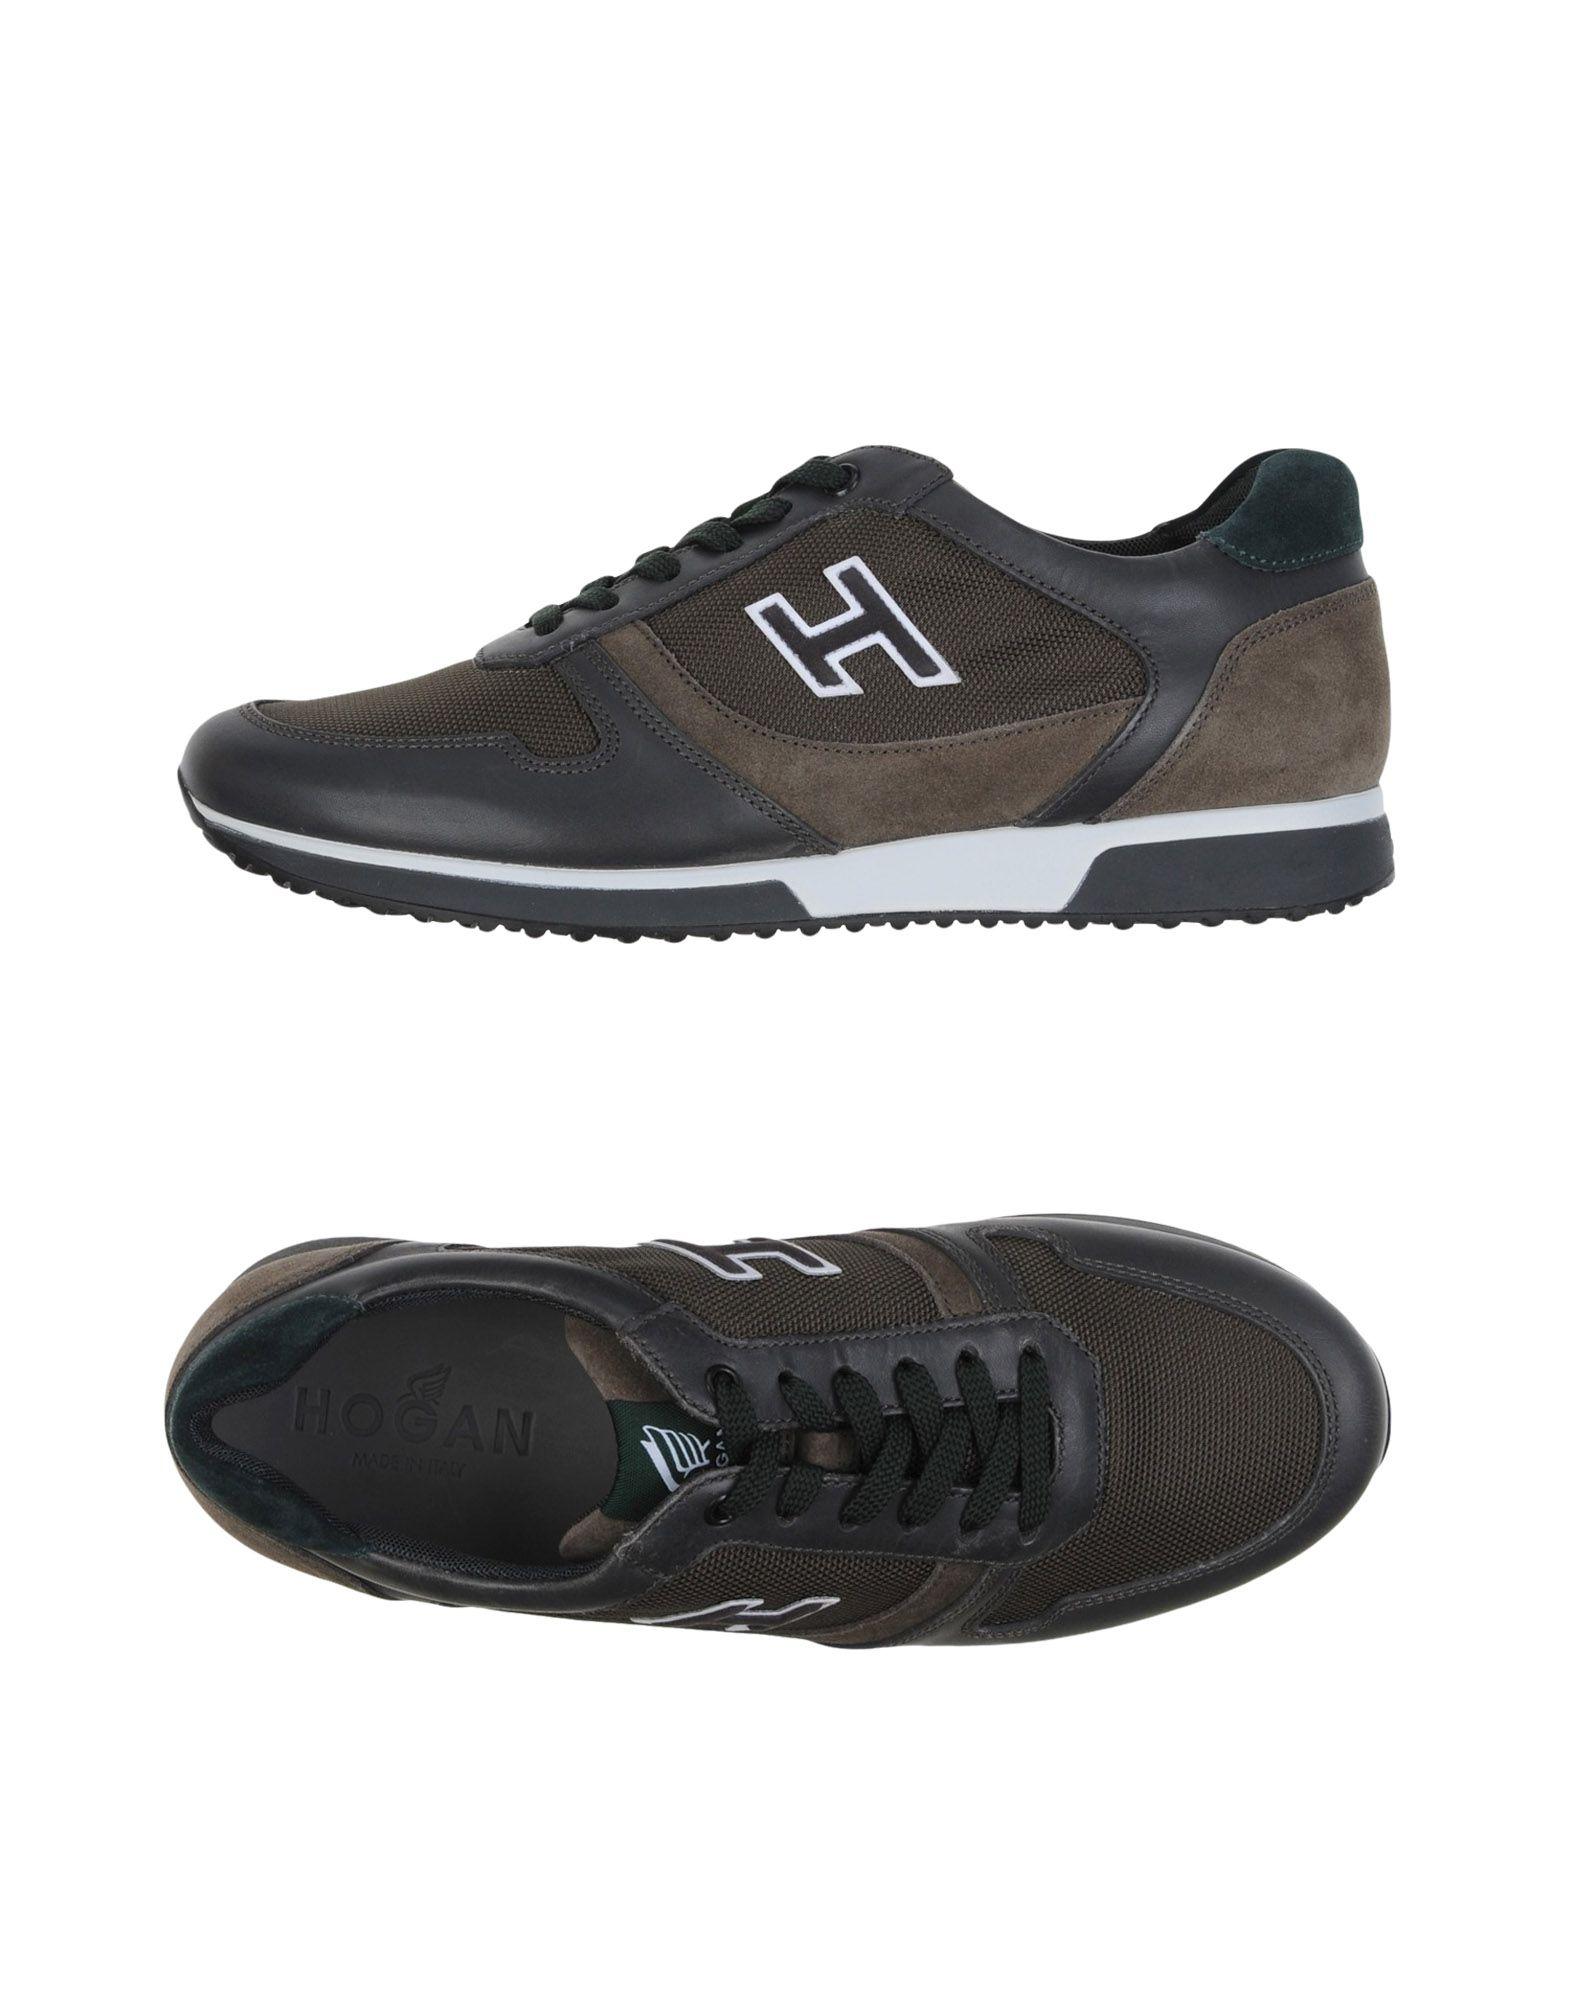 Scarpe economiche e resistenti Sneakers Hogan 11297190VK Uomo - 11297190VK Hogan 157505